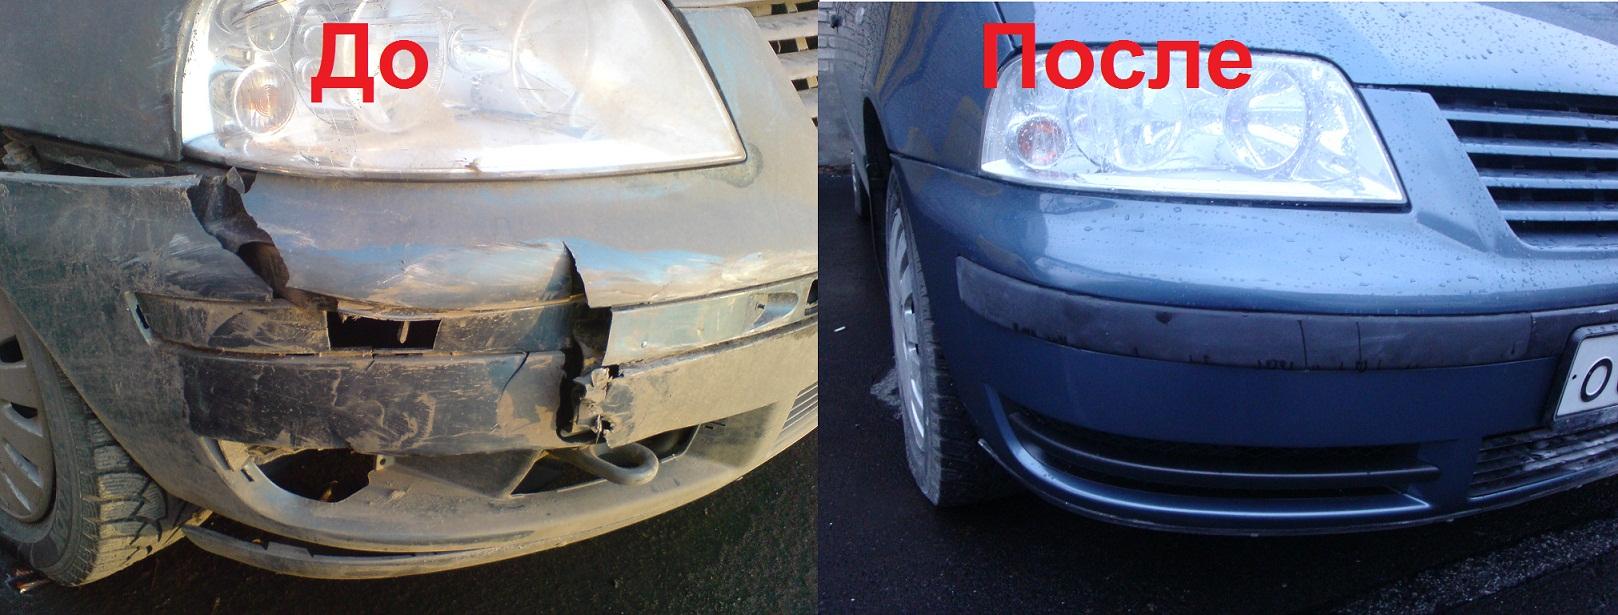 Треснутый бампер до и после ремонта